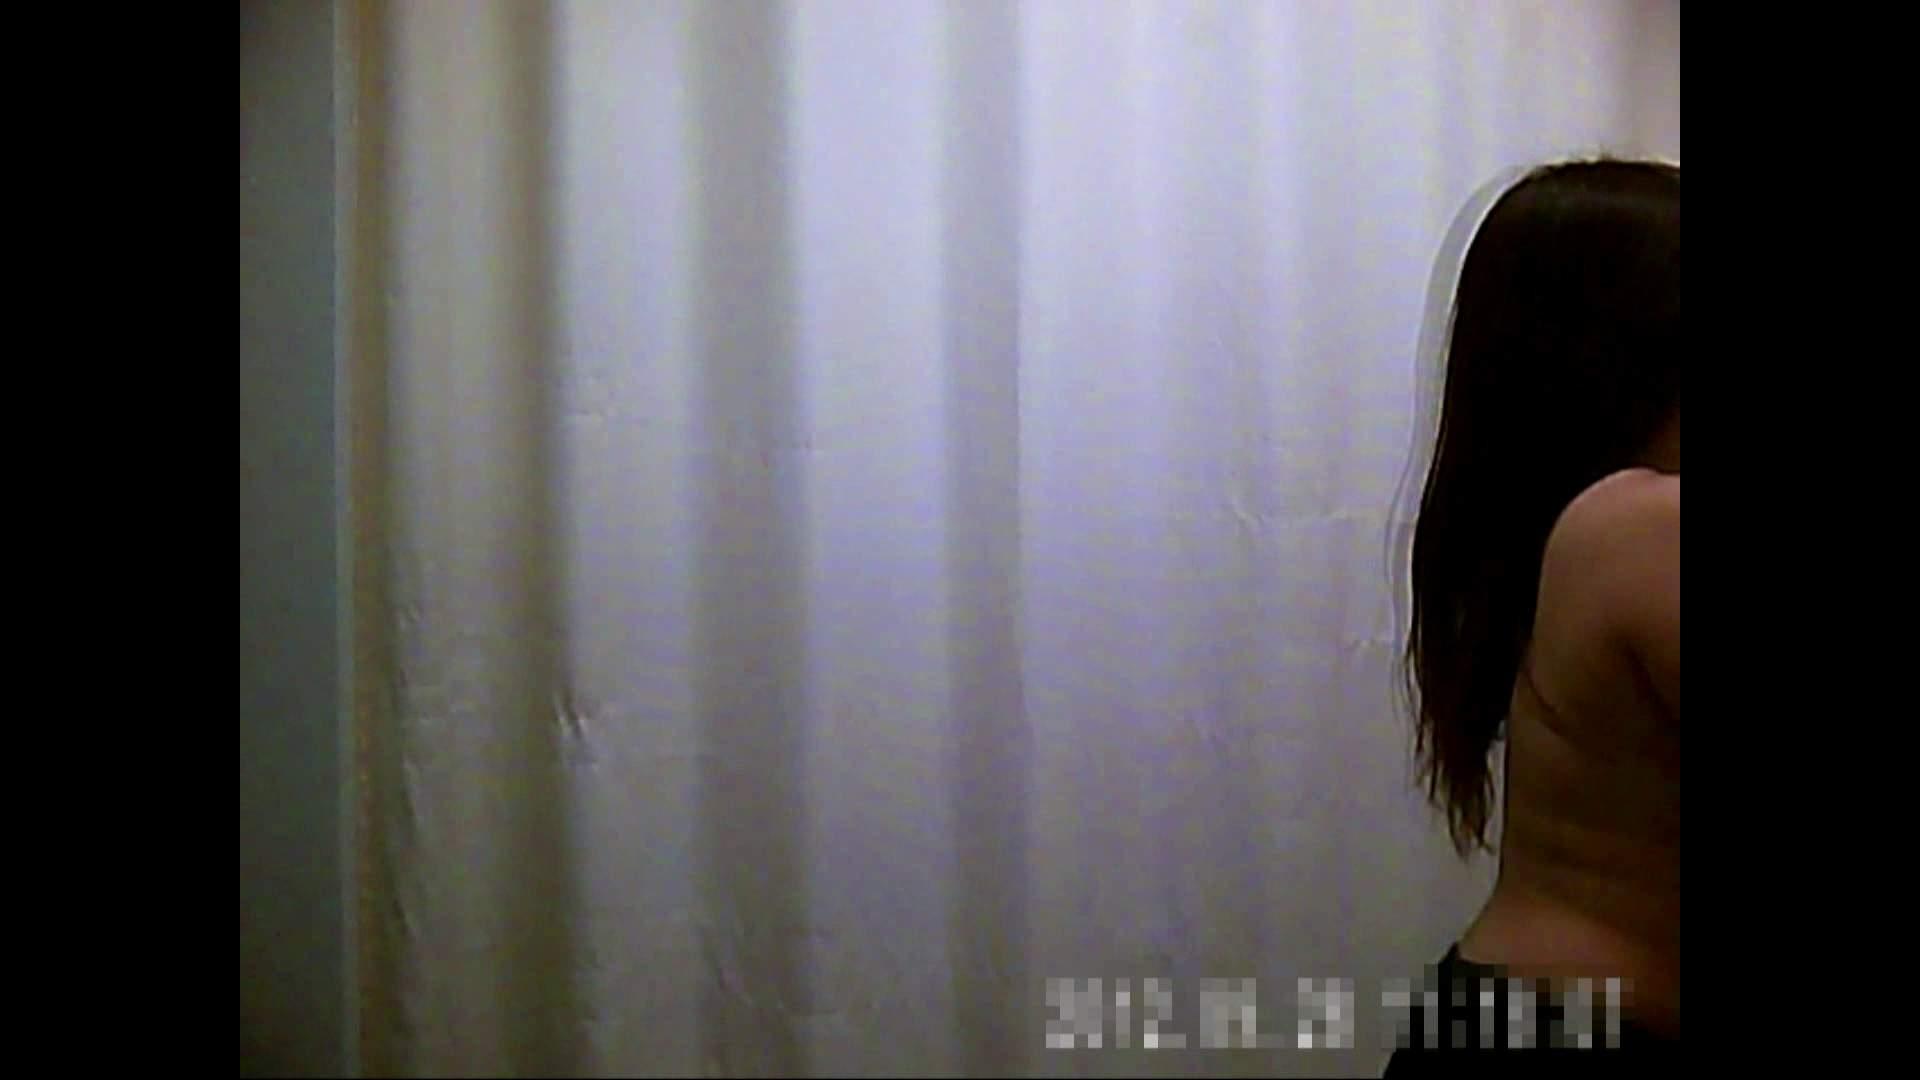 元医者による反抗 更衣室地獄絵巻 vol.073 お姉さん攻略 われめAV動画紹介 110画像 17